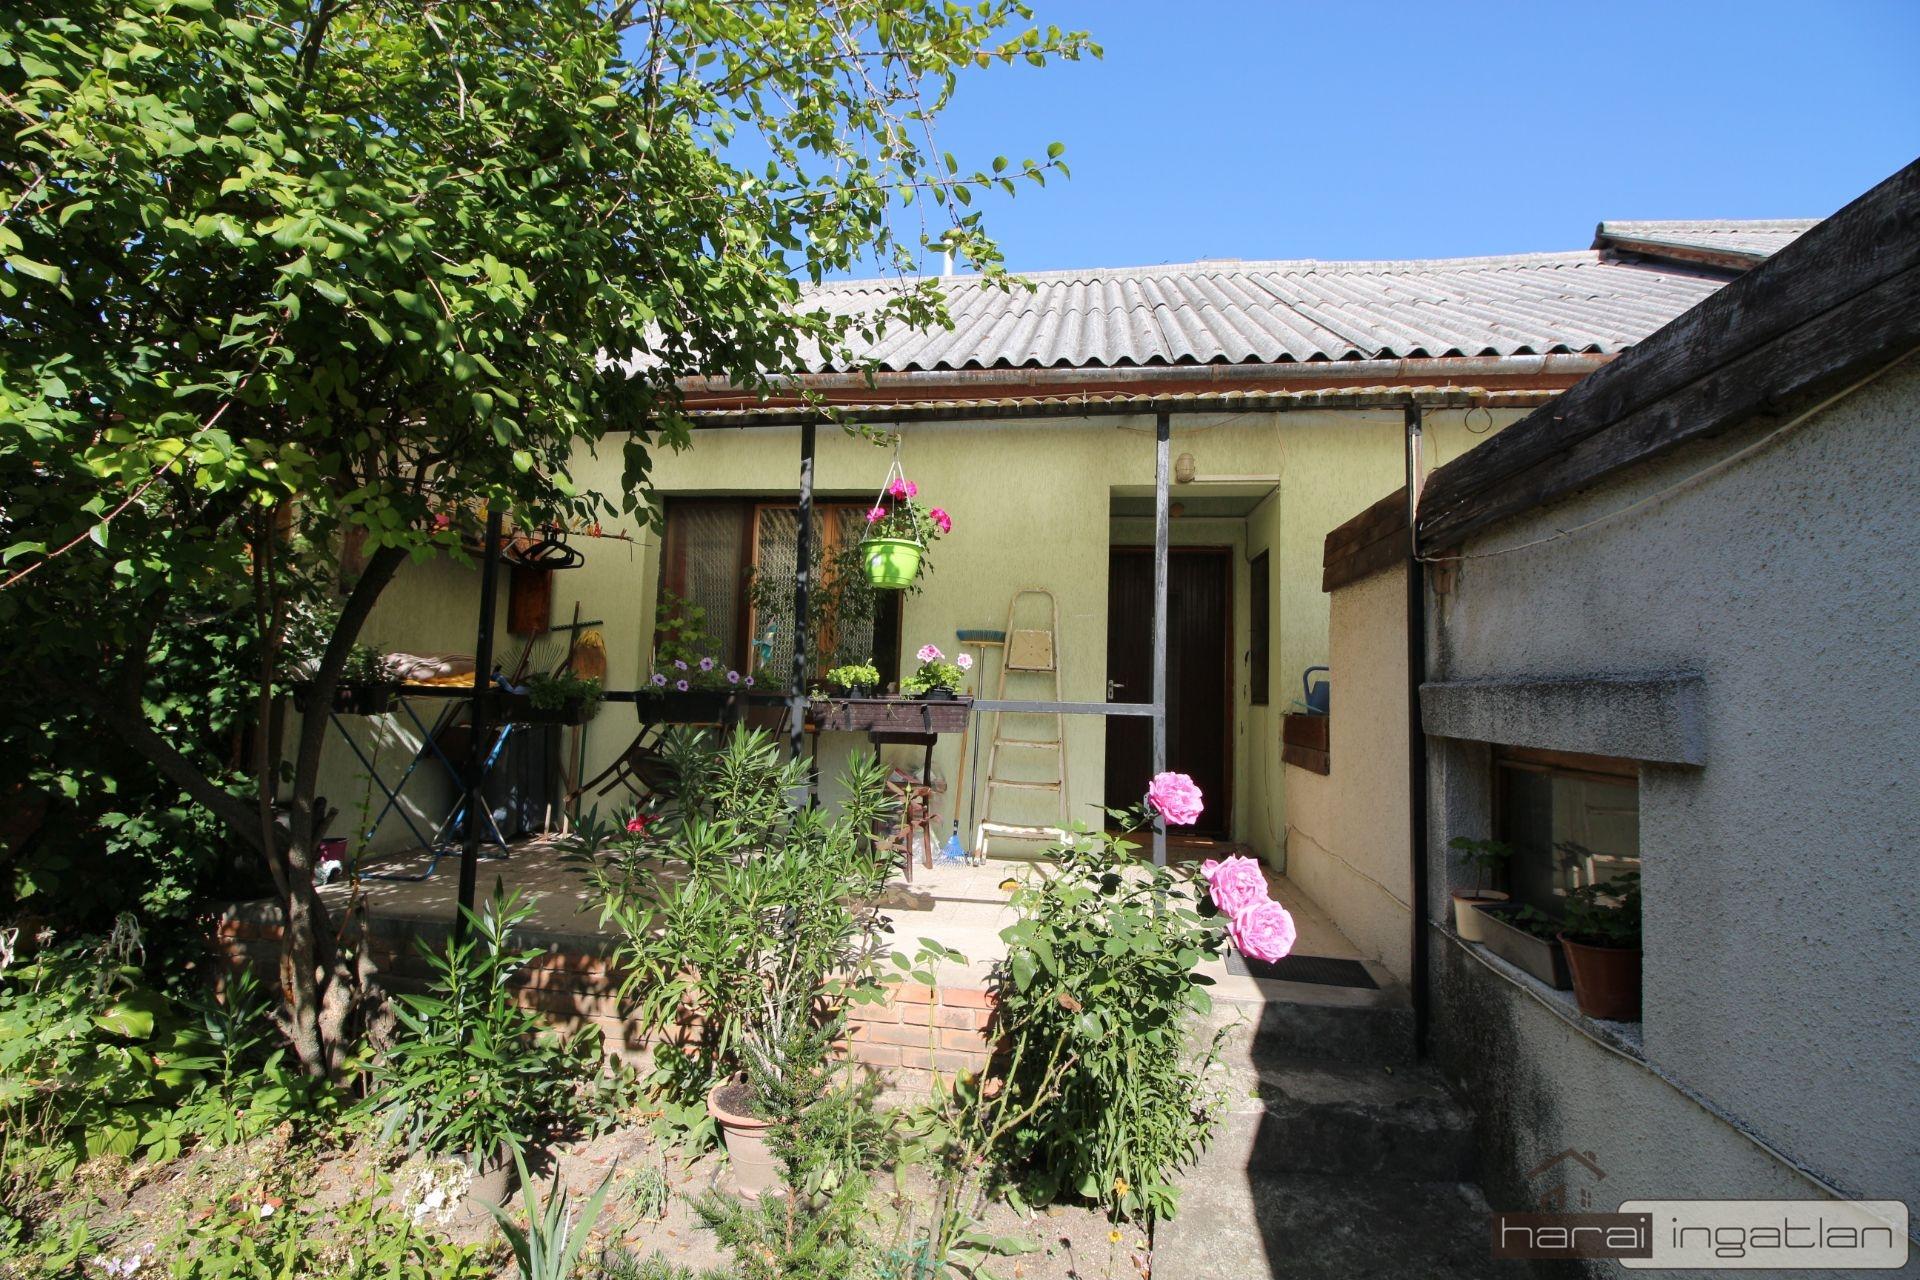 2151 Fót Eladó Ház (#01022020105)